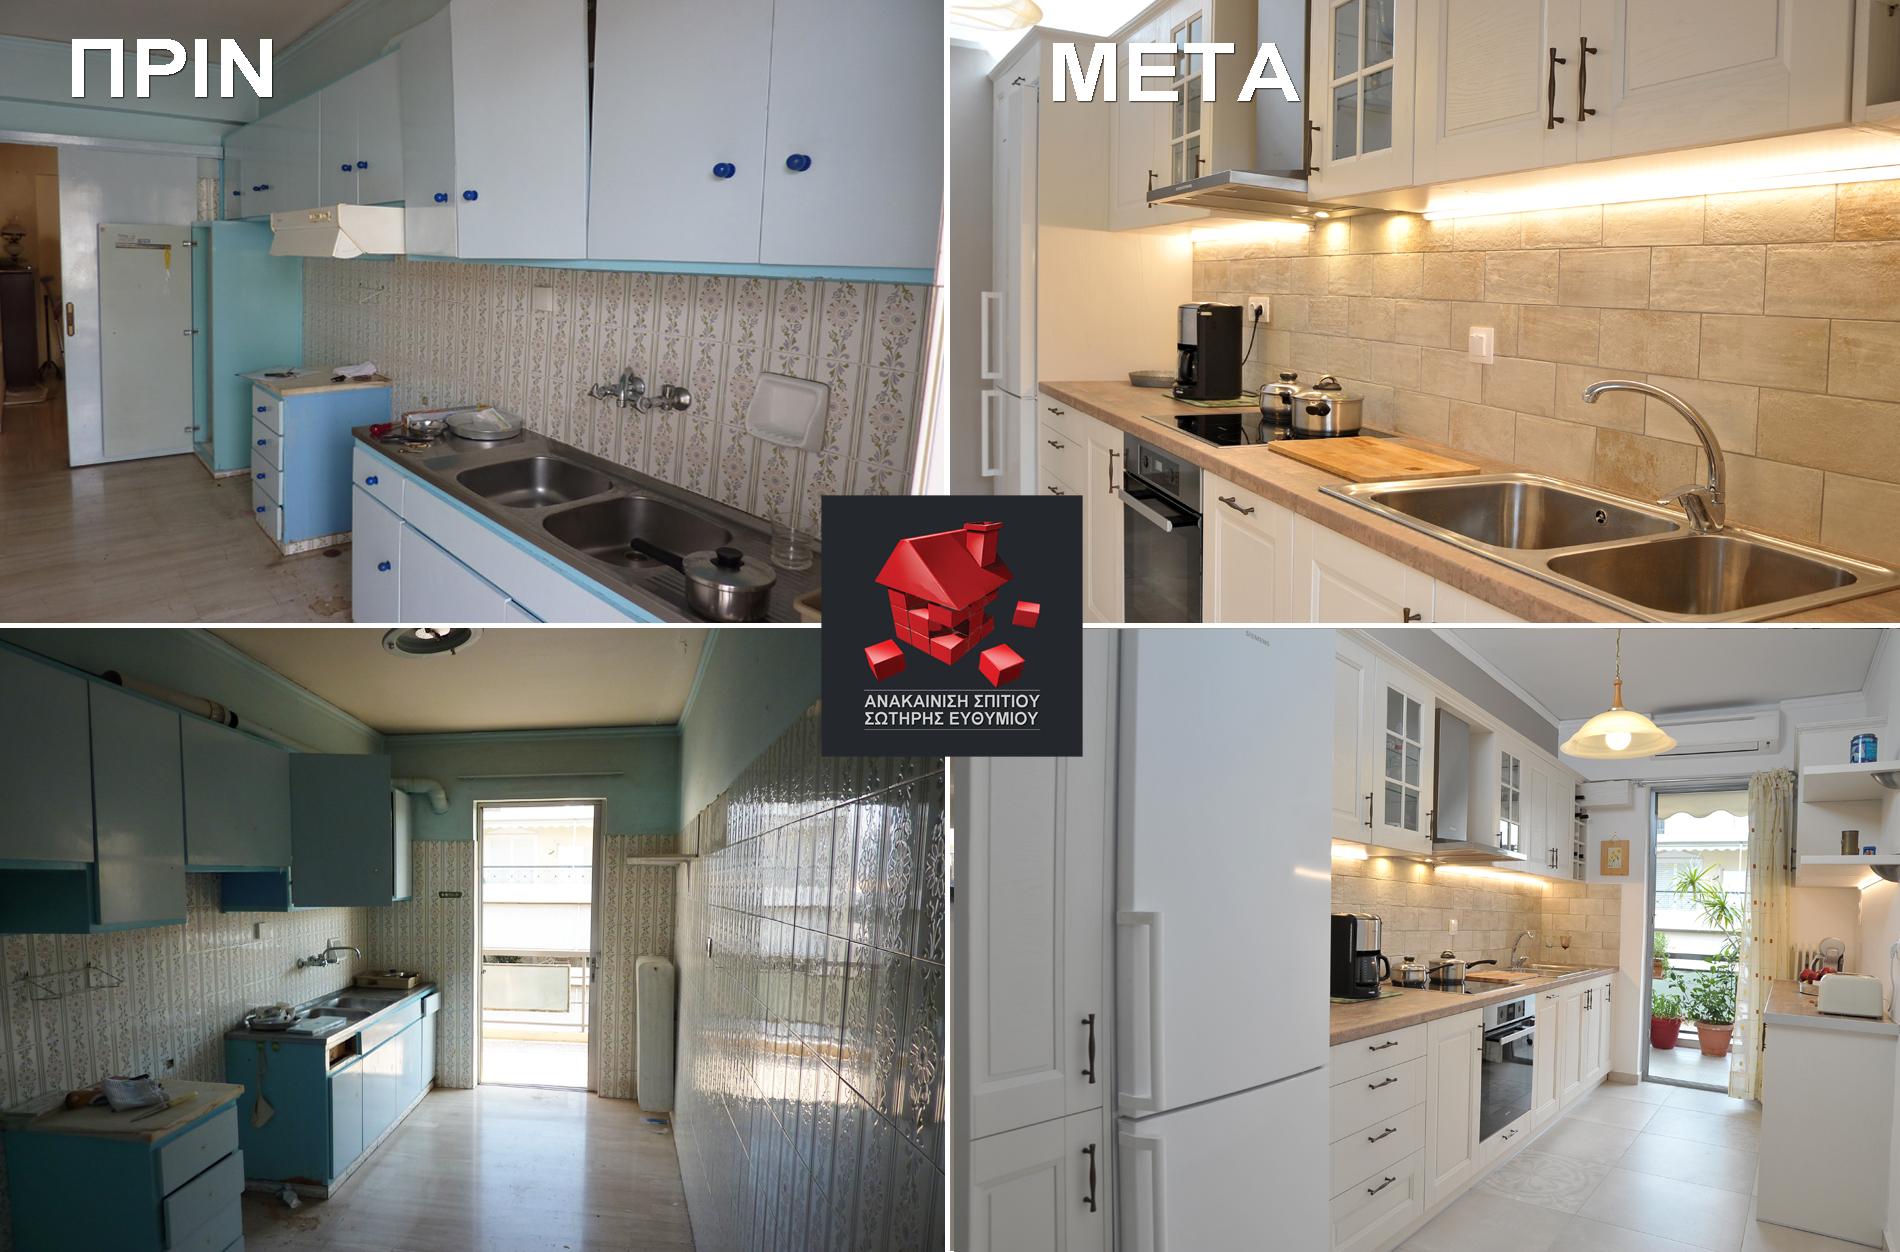 Ανακαίνιση Κουζινας στο Γαλάτσι: Αποτέλεσμα πριν και μετά